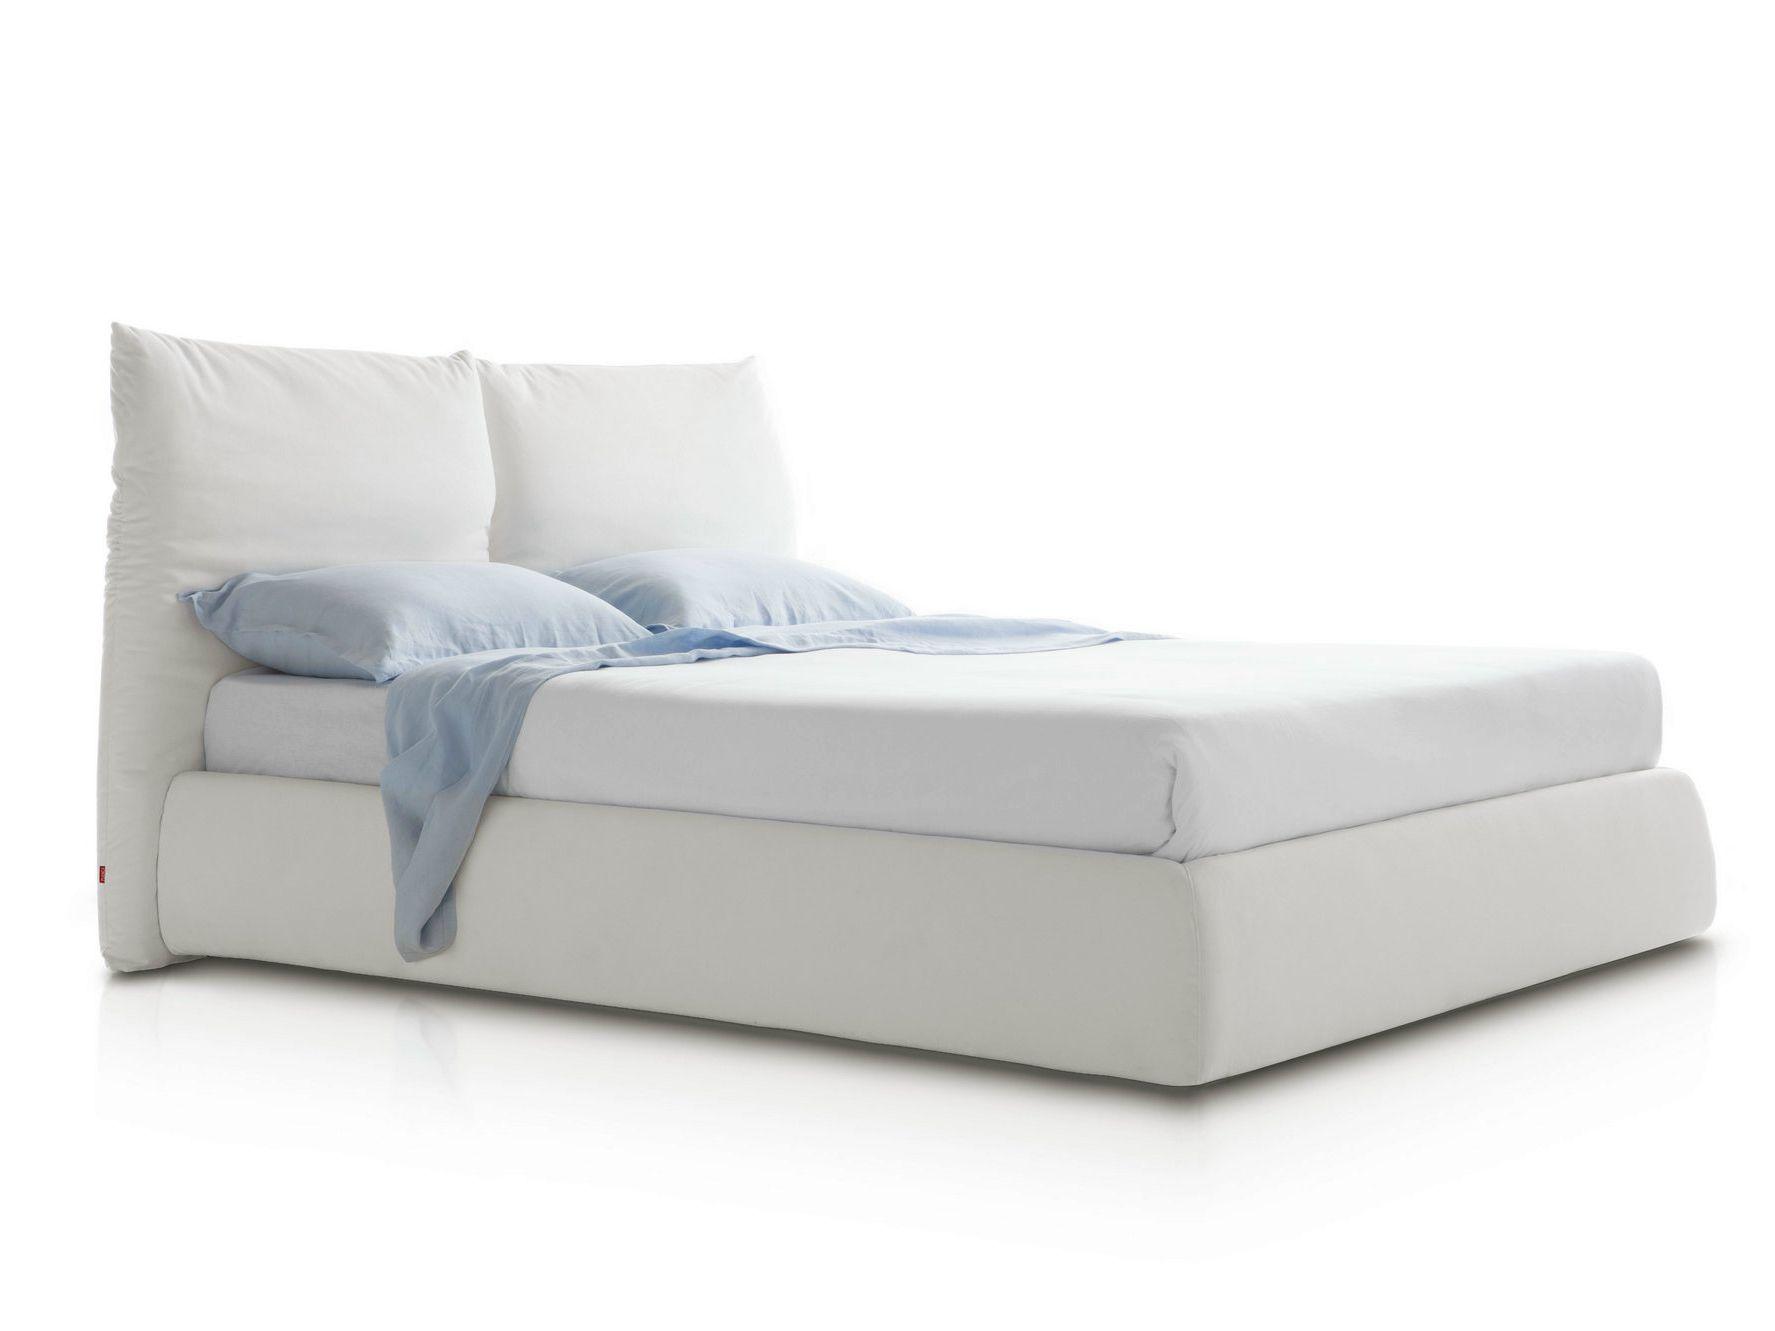 Oriente letto con testiera regolabile by pianca - Testiera letto tessuto ...